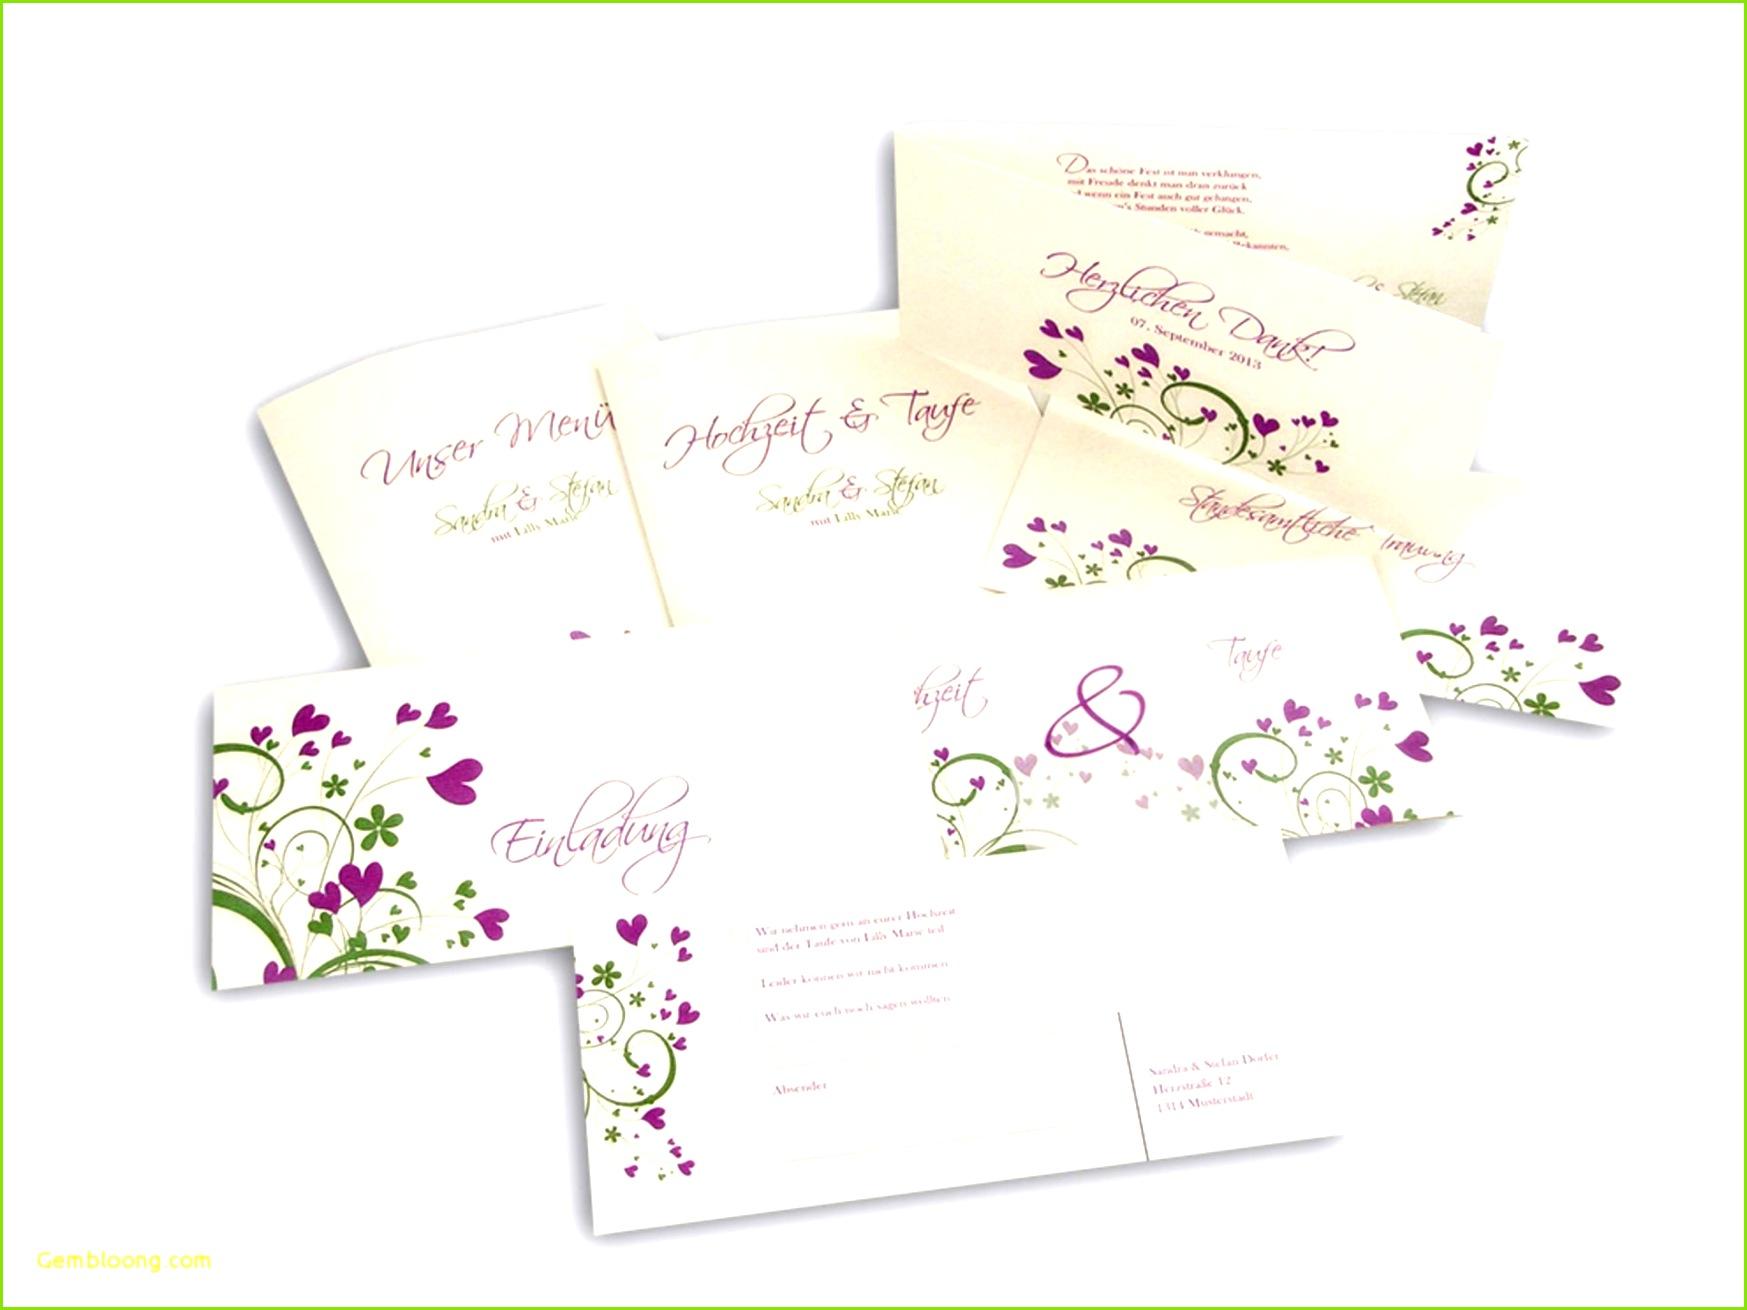 Hochzeitseinladungen Vorlagen Kostenlos Download Hochzeitskarten Selber Machen Kostenloser Download Einladung Hochzeitseinladungen